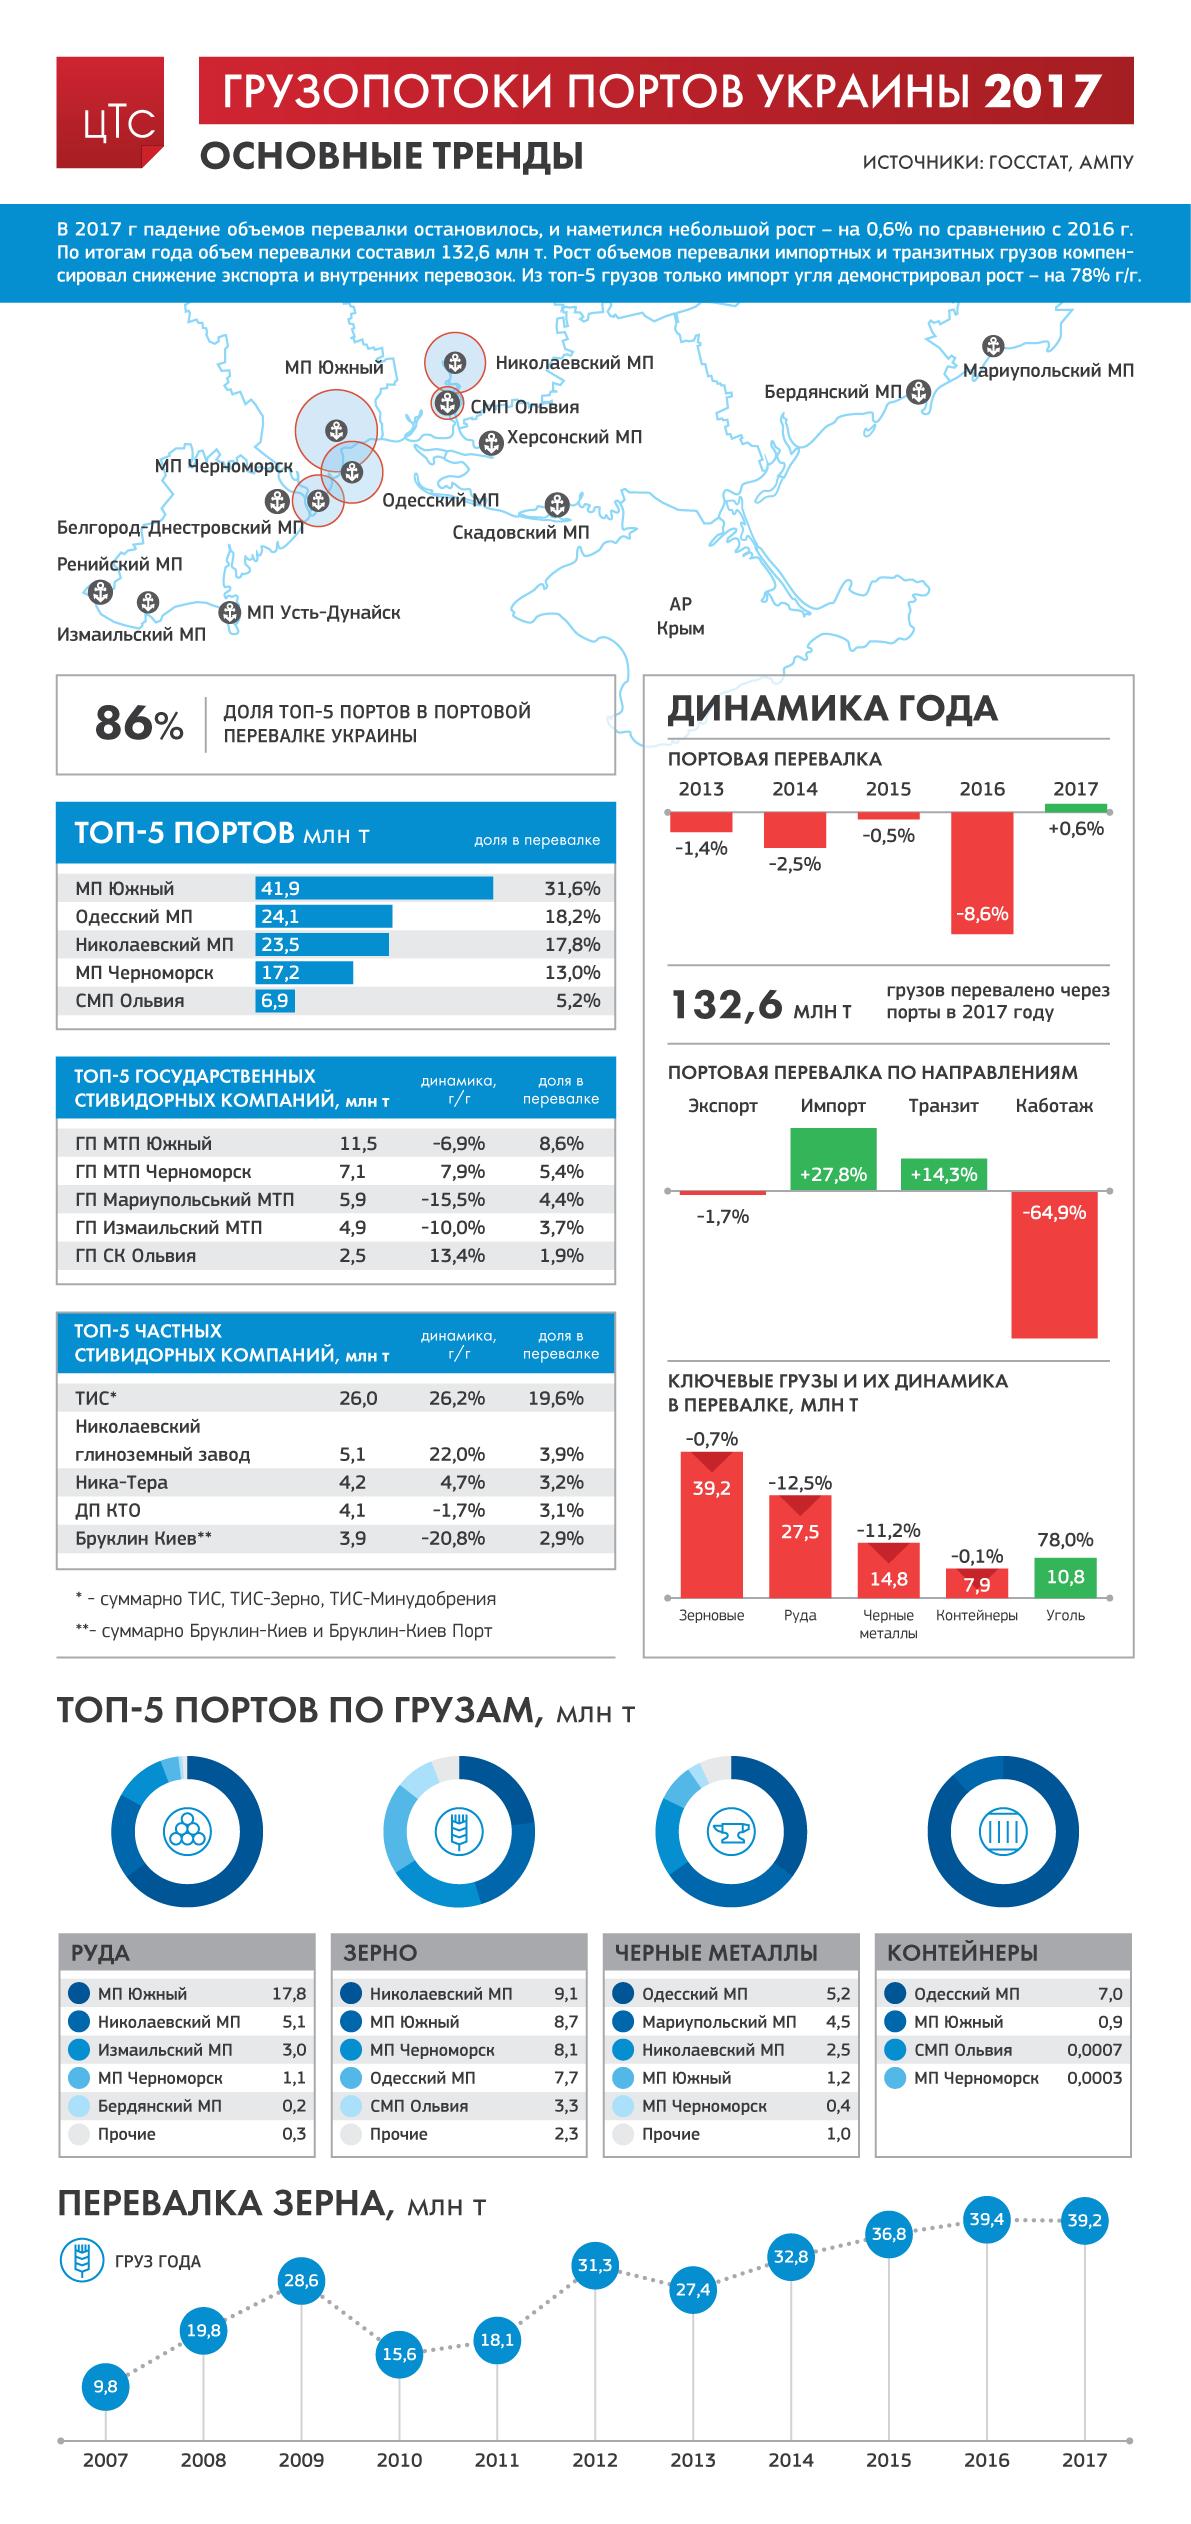 Грузопотоки портов Украины - 2017